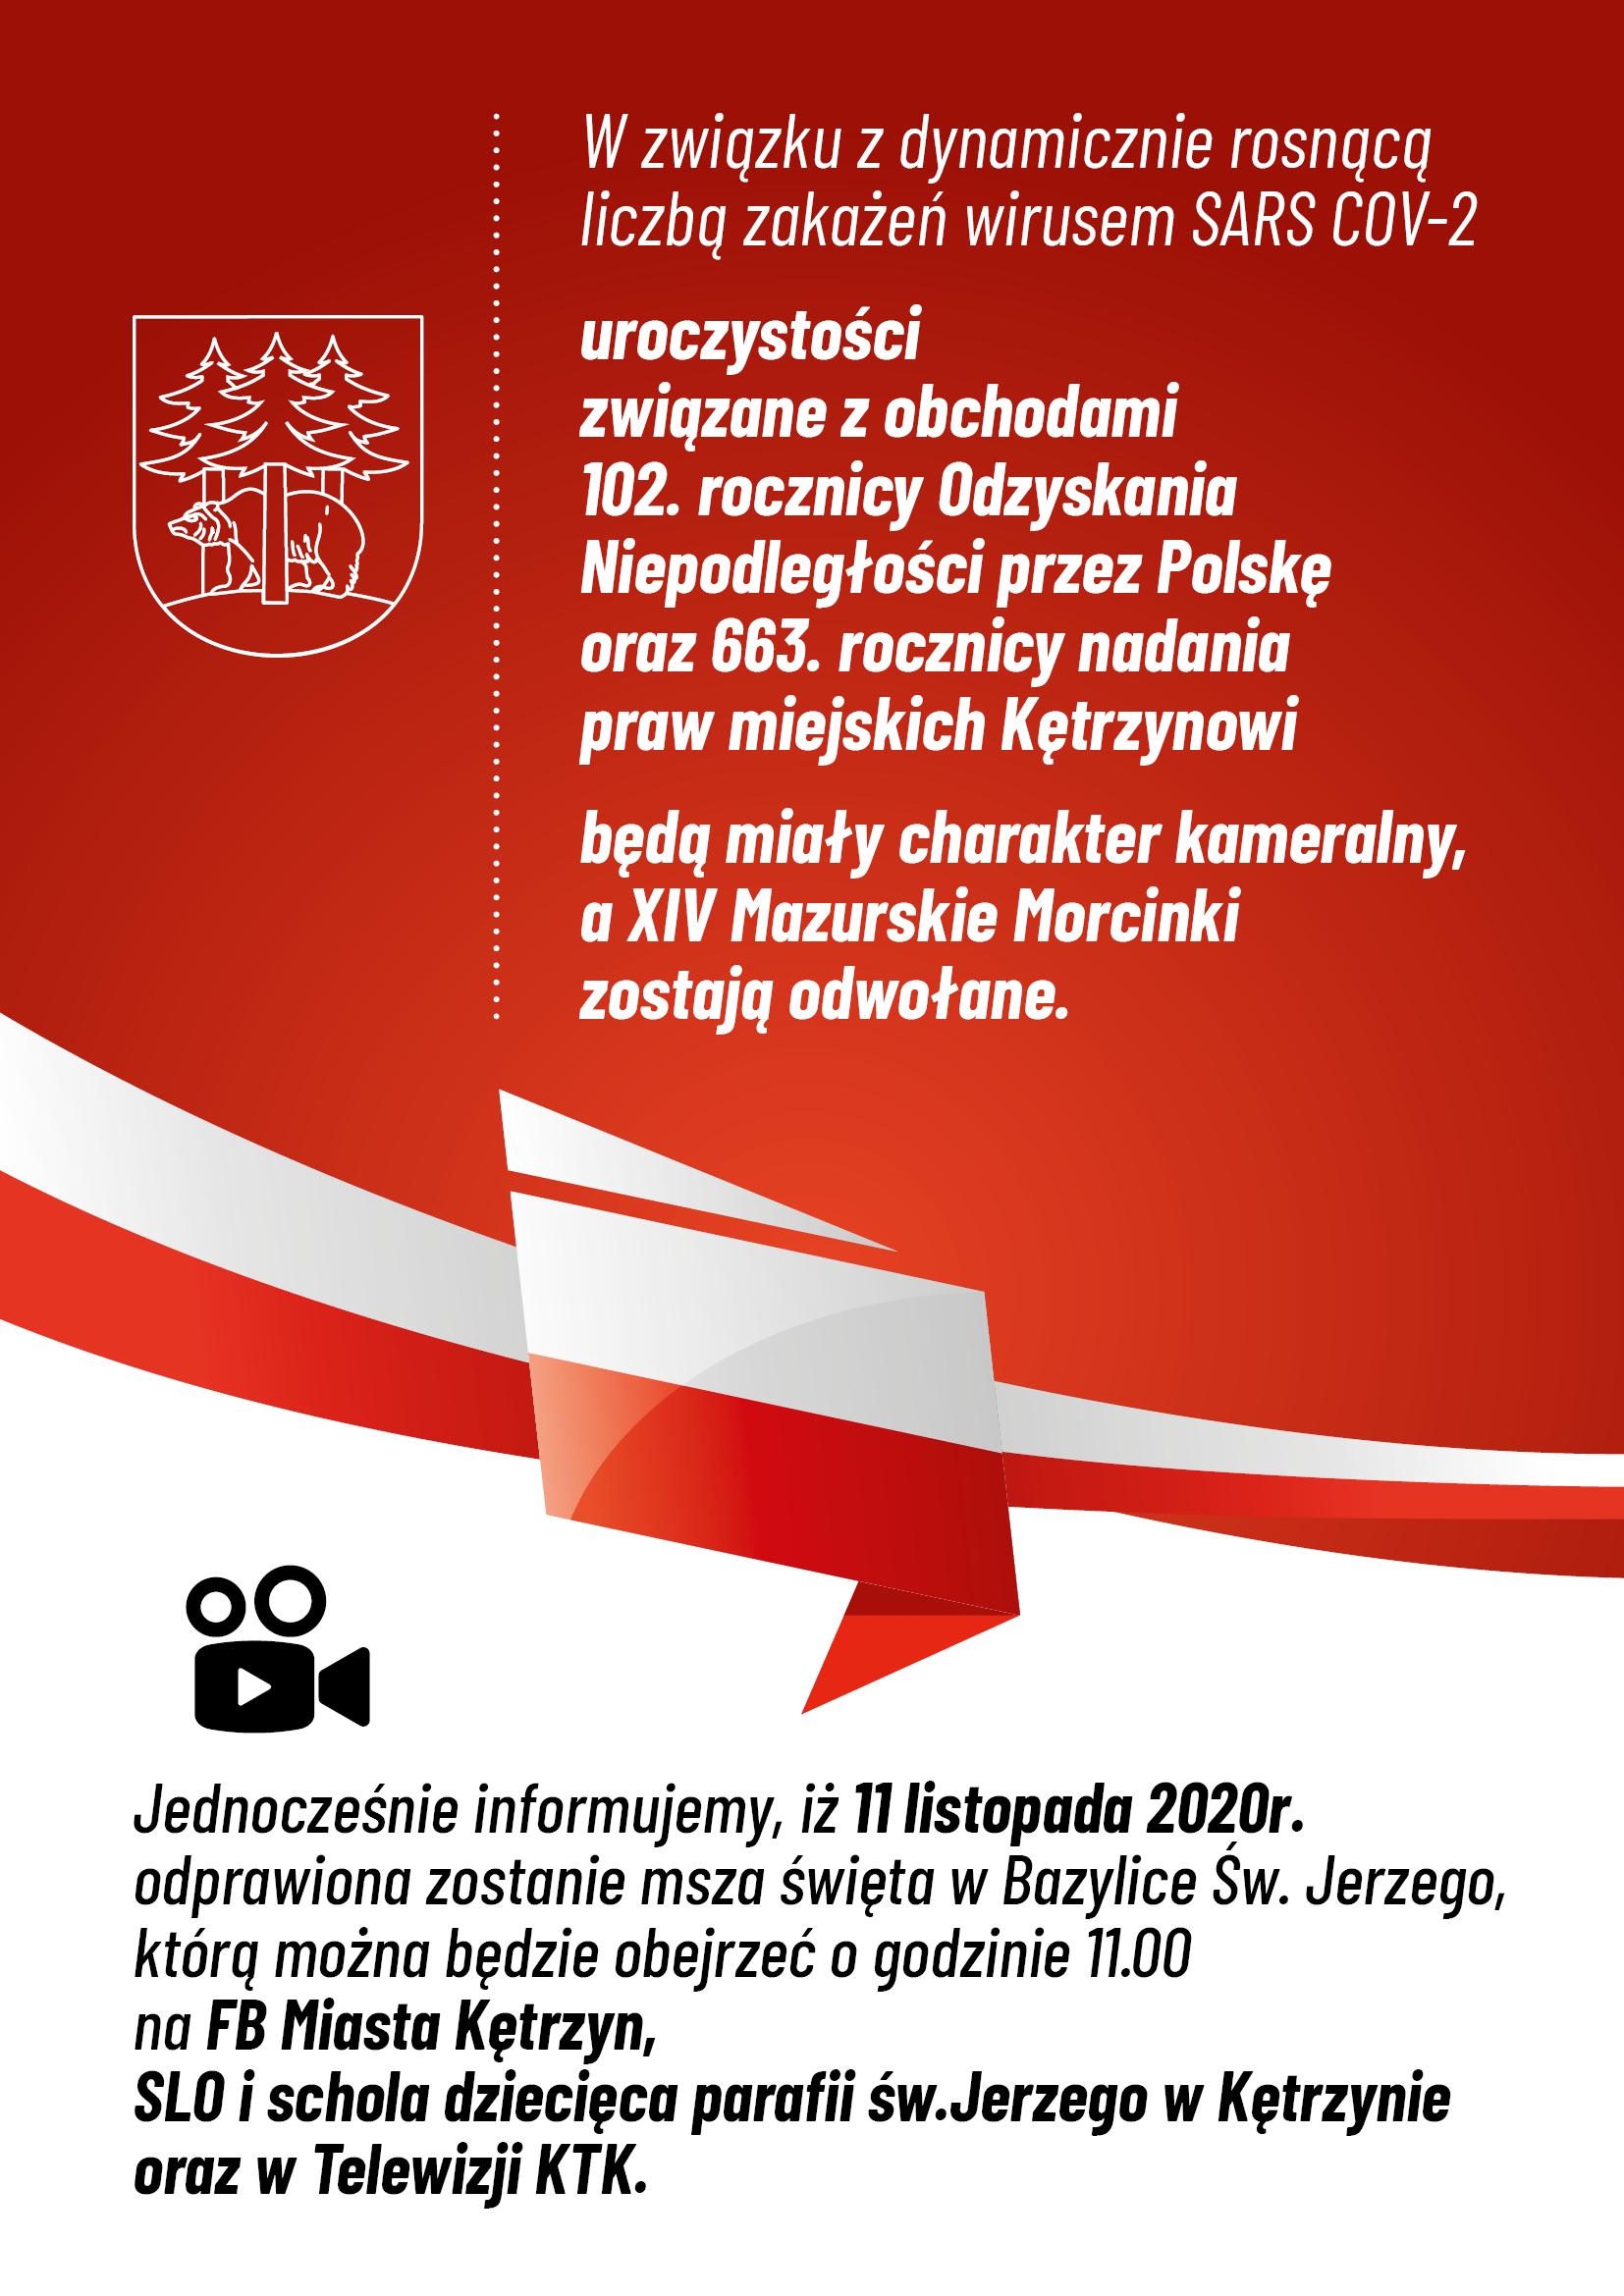 Obrazek przedstwaia herb miasta Kętrzyn oraz  biało - czerwoną flagę Polski. Na czerwonym tle treść: W związku z dynamicznie rosnącą liczbą zakażeń wirusem SARS COV-2 uroczystości związane z obchodami 102. rocznicy Odzyskania Niepodległości przez Polskę oraz 663. rocznicy nadania praw miejskich Kętrzynowi będą miały charakter kameralny, a XIV Mazurskie Morcinki zostają odwołane.  Jednocześnie informujemy, iż 11 listopada 2020r. odprawiona zostanie msza święta w Bazylice Św. Jerzego, którą można będzie obejrzeć o godzinie 11.00 na FB Miasta Kętrzyn, SLO i schola dziecięca parafii św.Jerzego w Kętrzynie oraz w Telewizji Kablowej KTK.